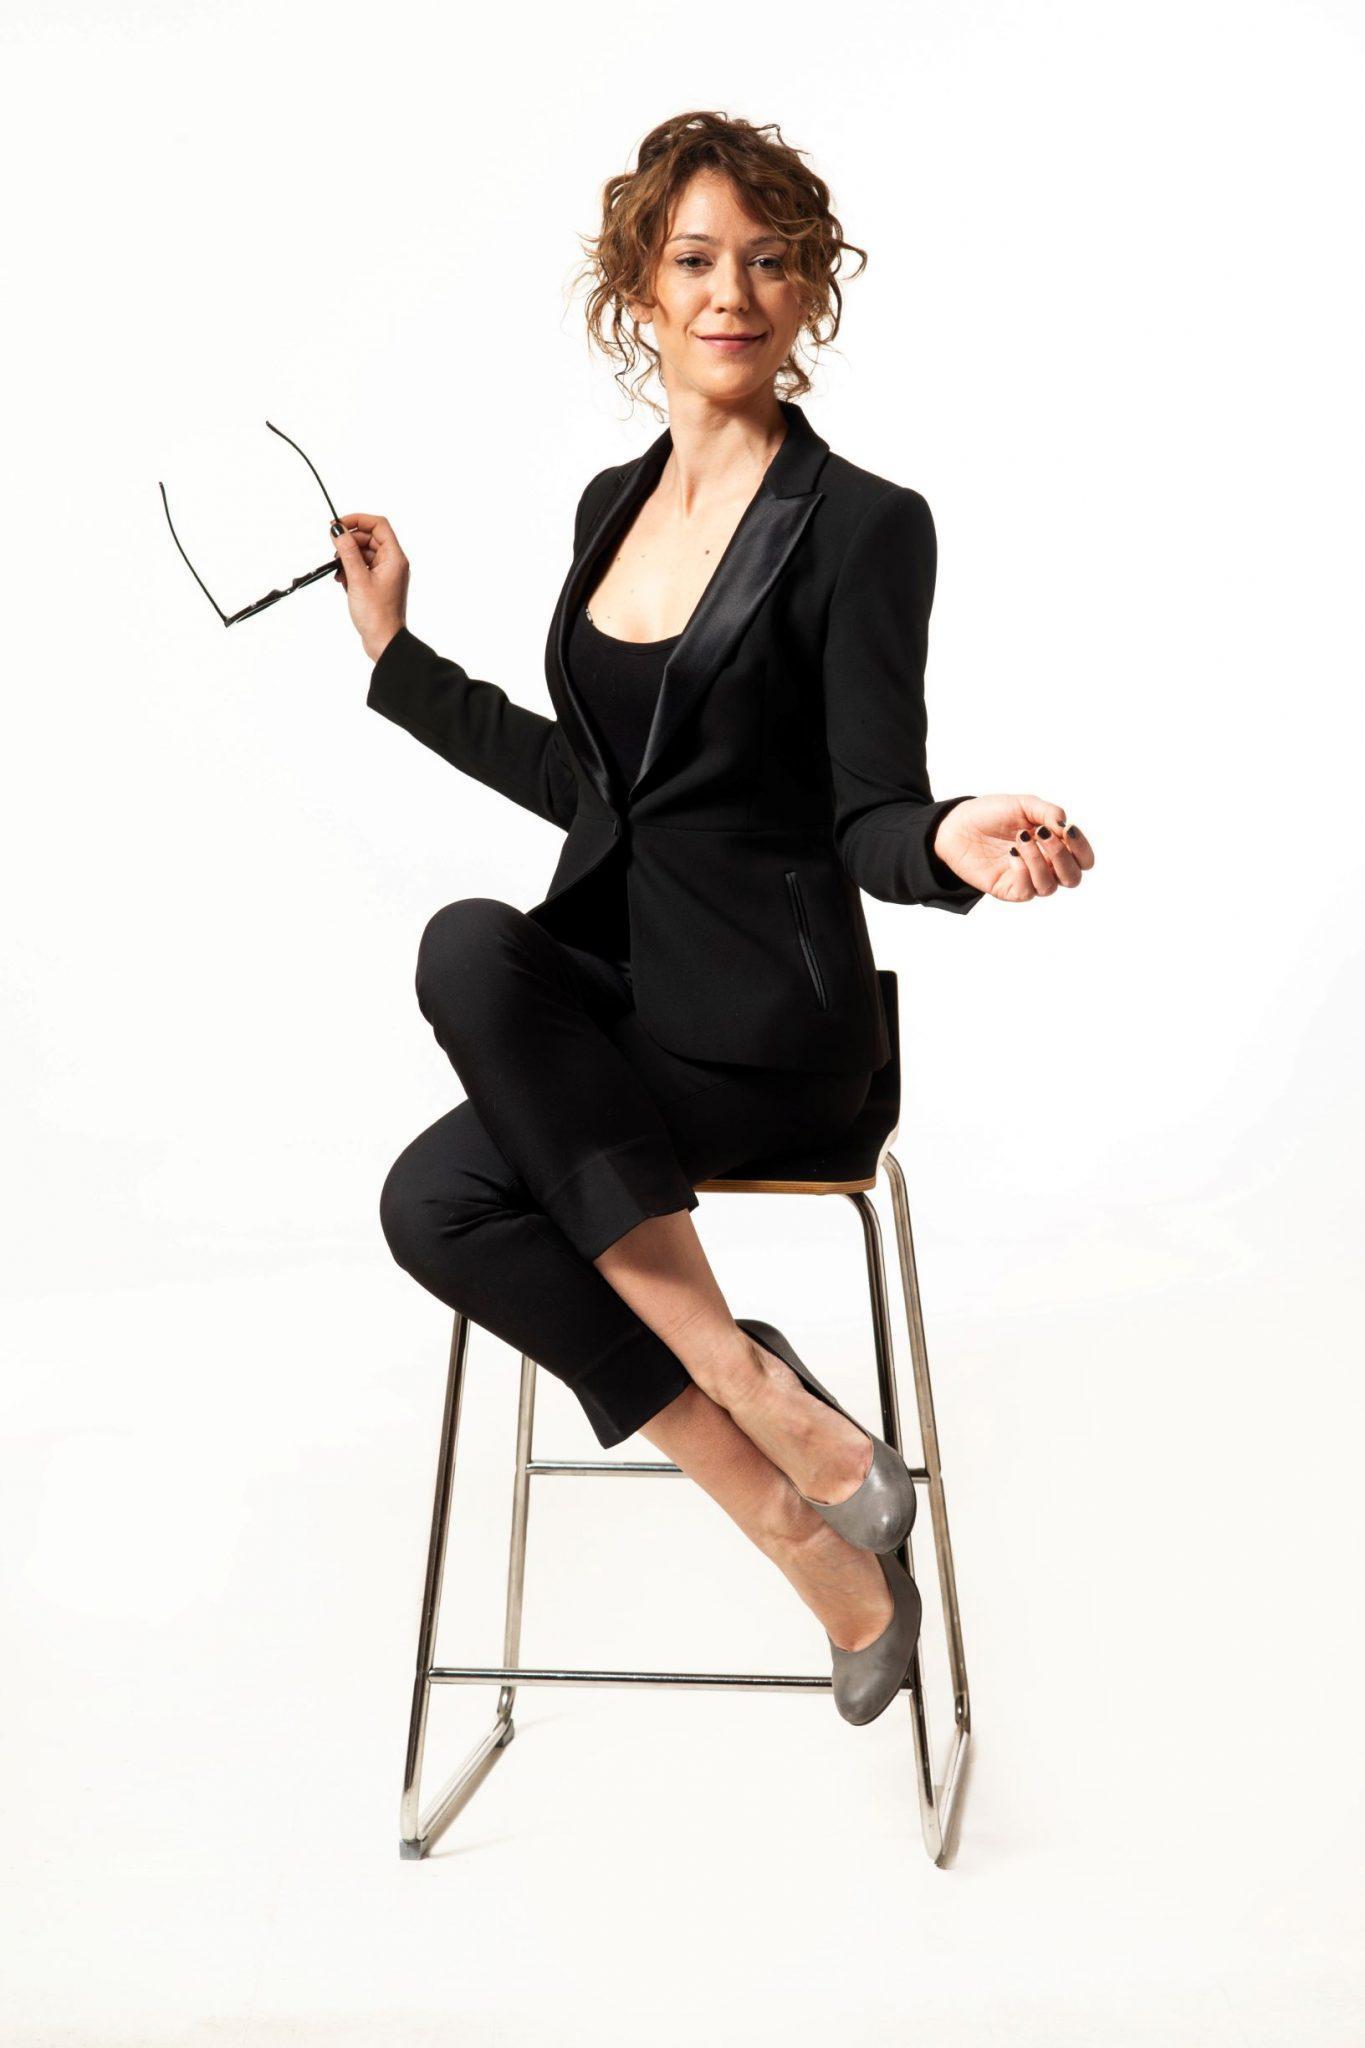 """""""Για γυναίκα καλή είναι"""": Η stand-up comedy παράσταση της Ήρας Κατσούδα έρχεται στο Θέατρο Αυλαία"""